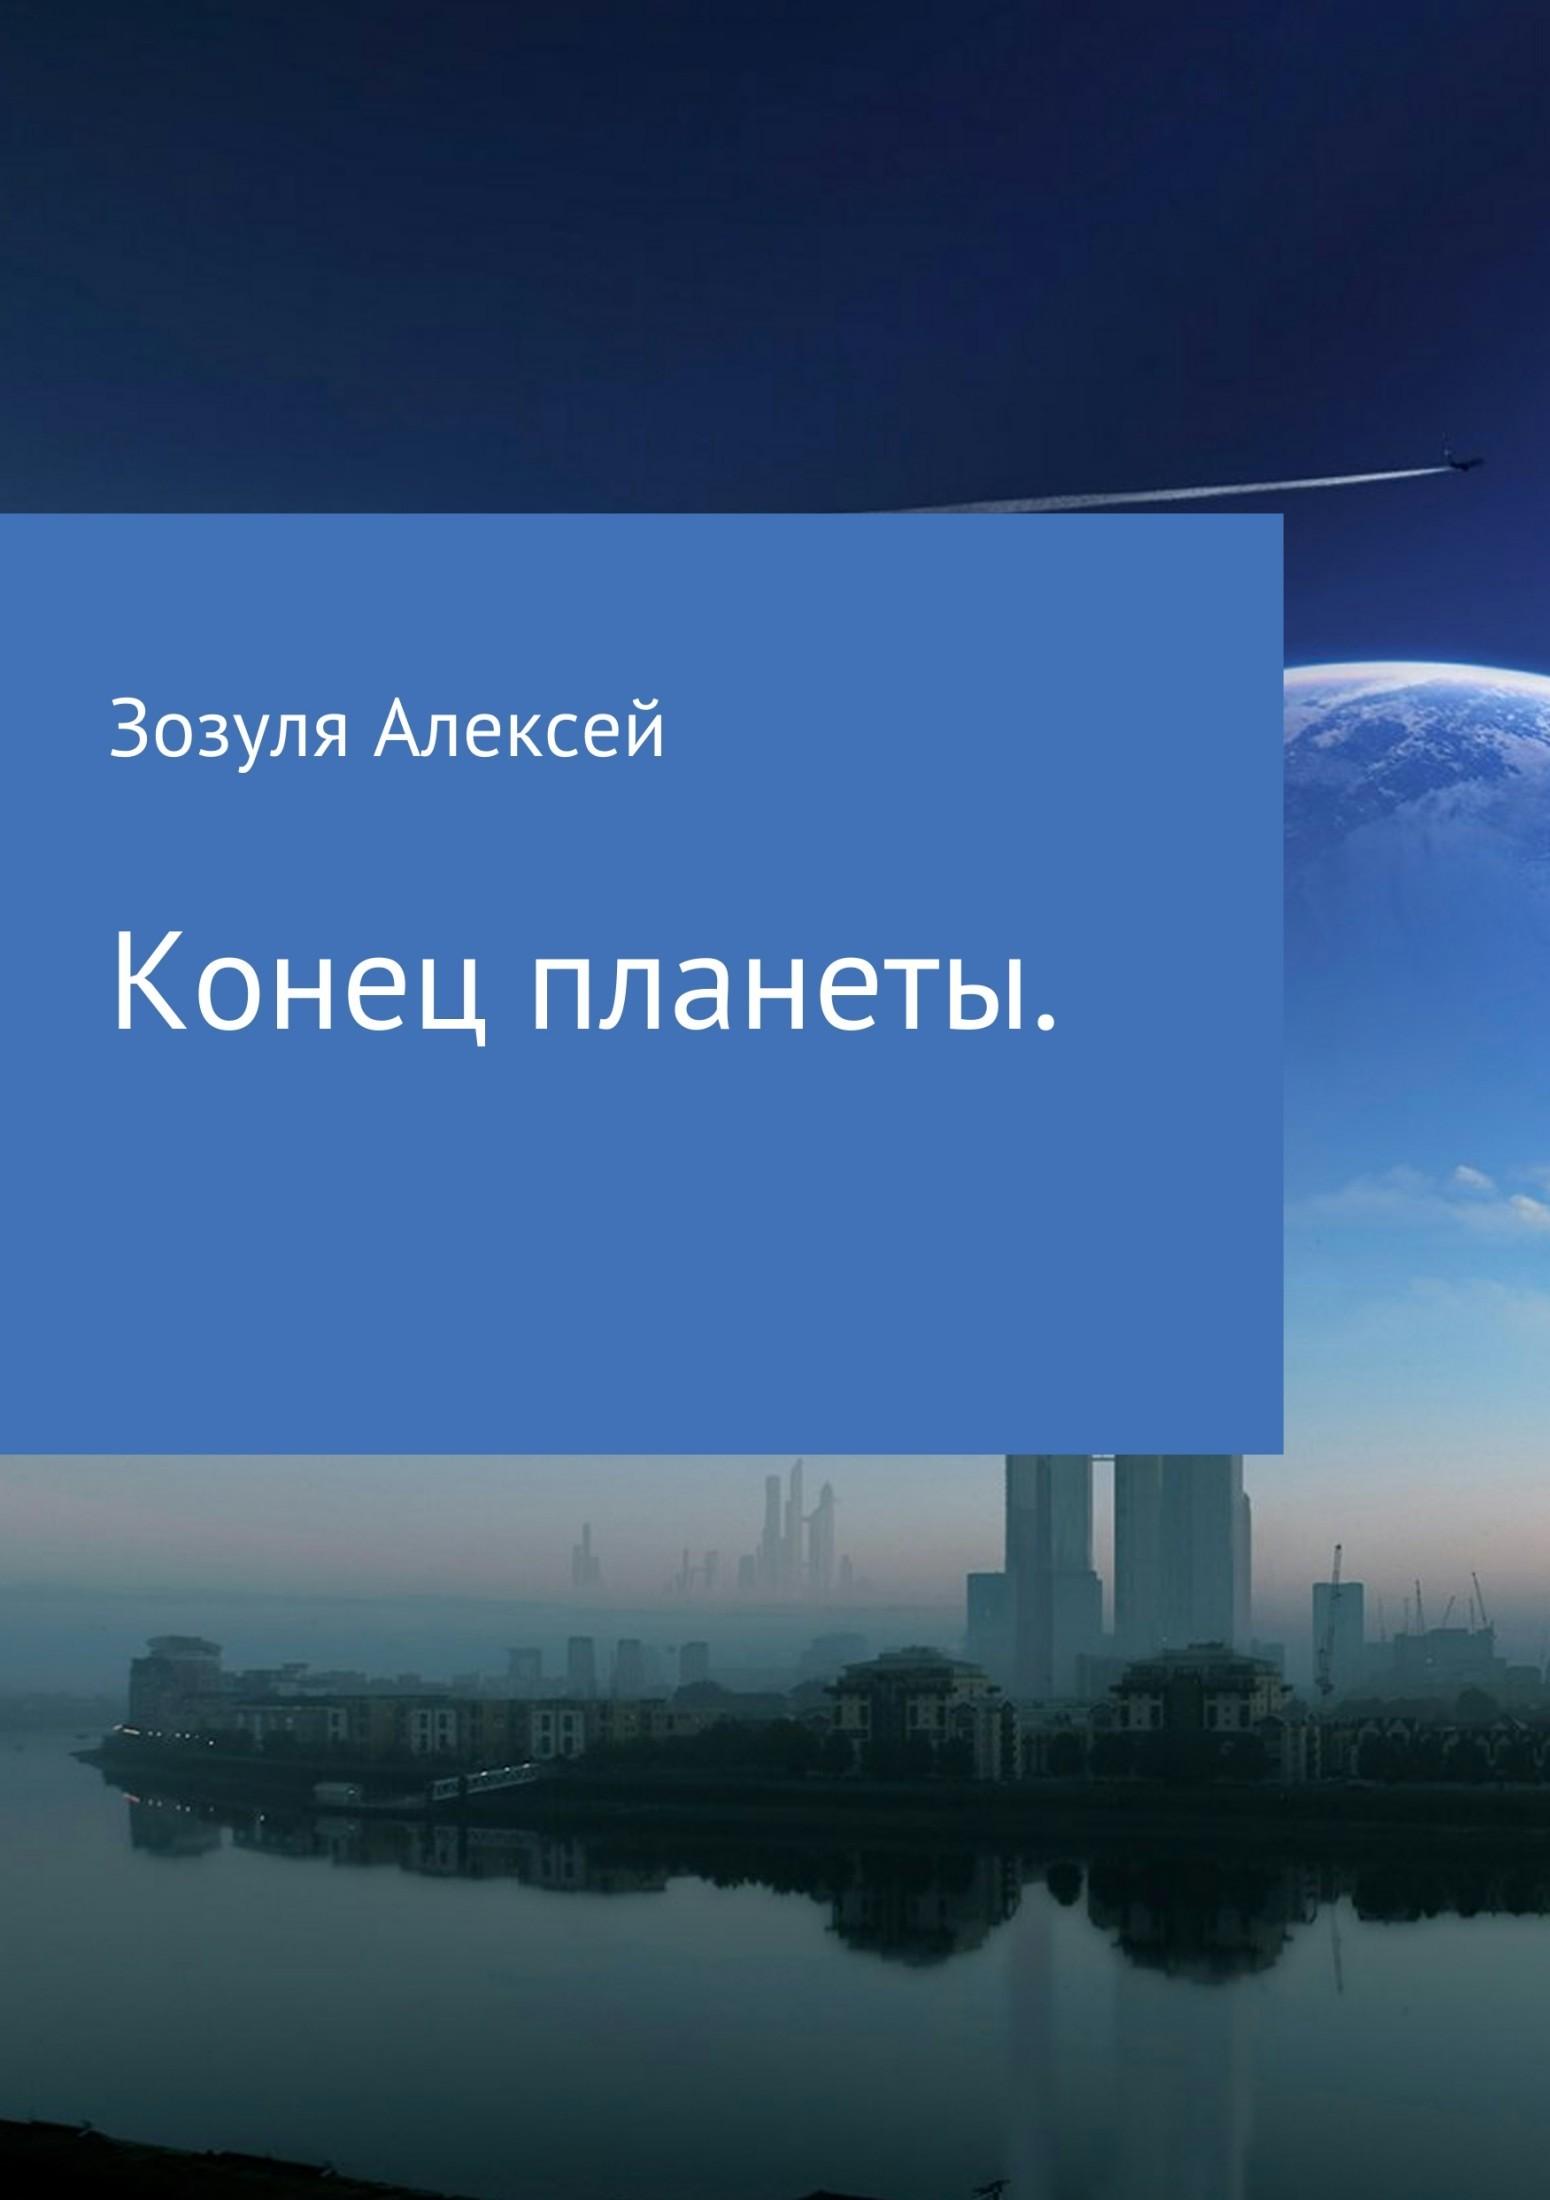 Алексей Юрьевич Зозуля Конец планеты алексей юрьевич зозуля охотник от бога